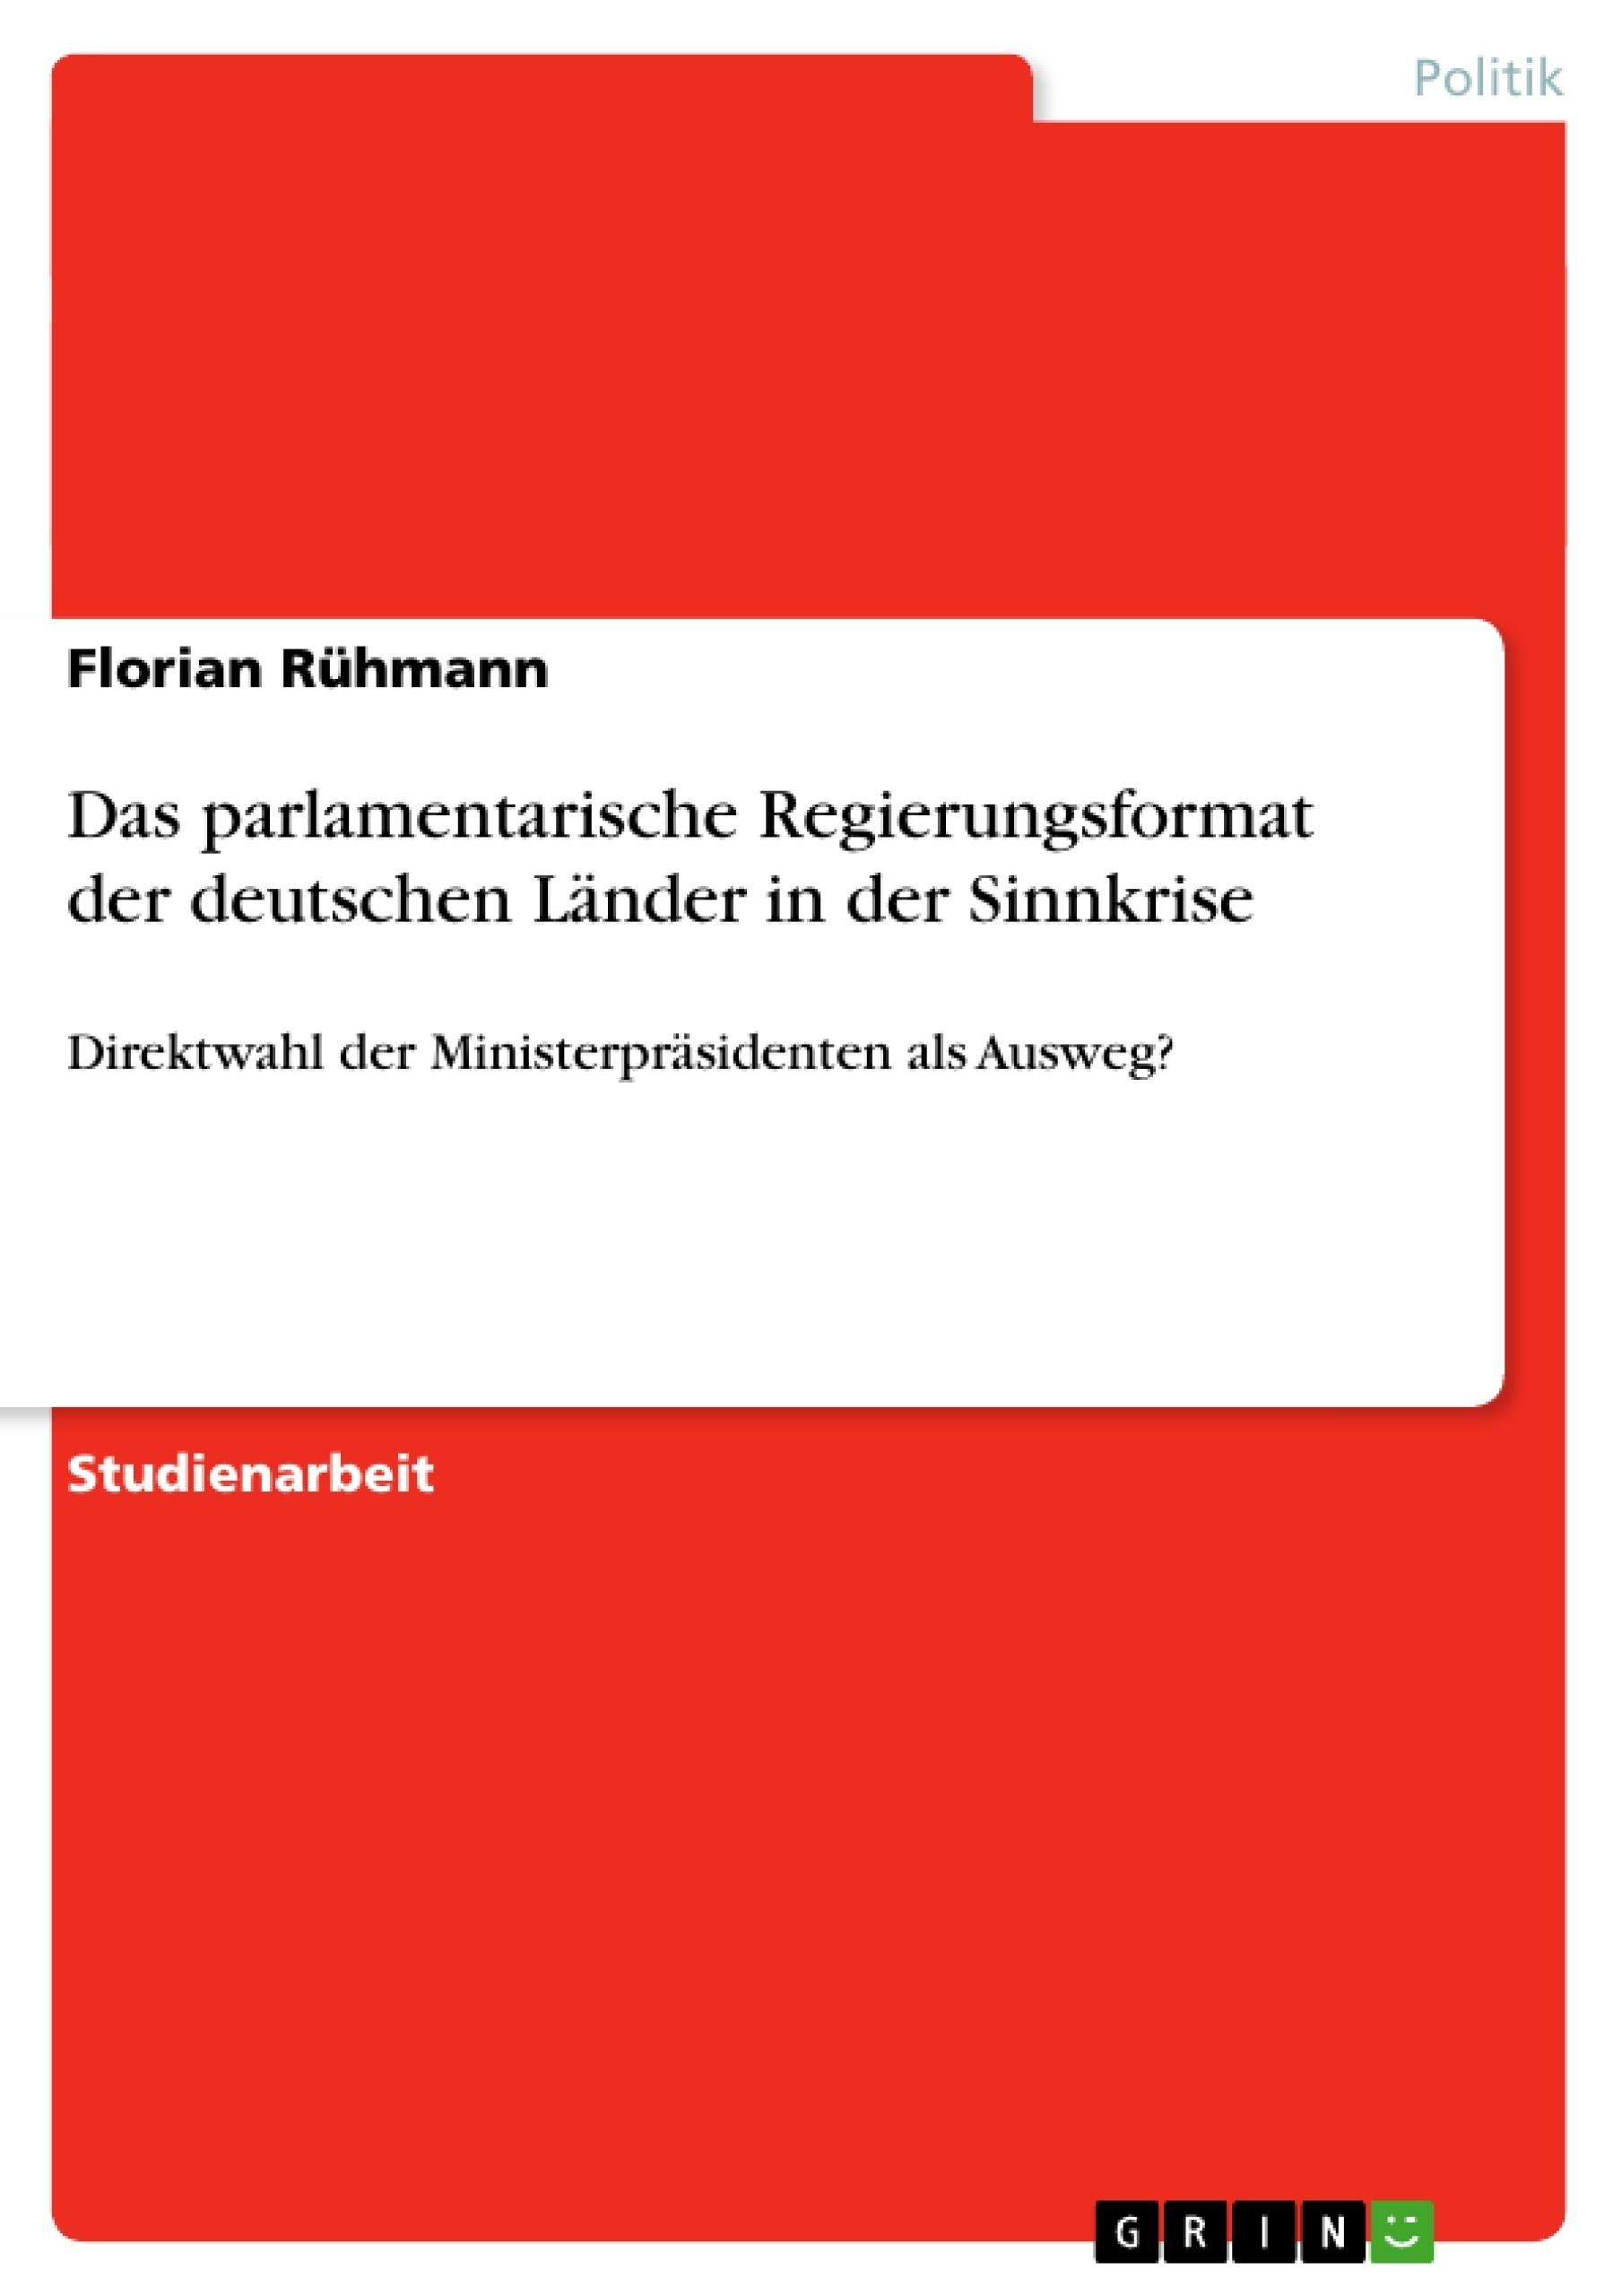 Titel: Das parlamentarische Regierungsformat der deutschen Länder in der Sinnkrise